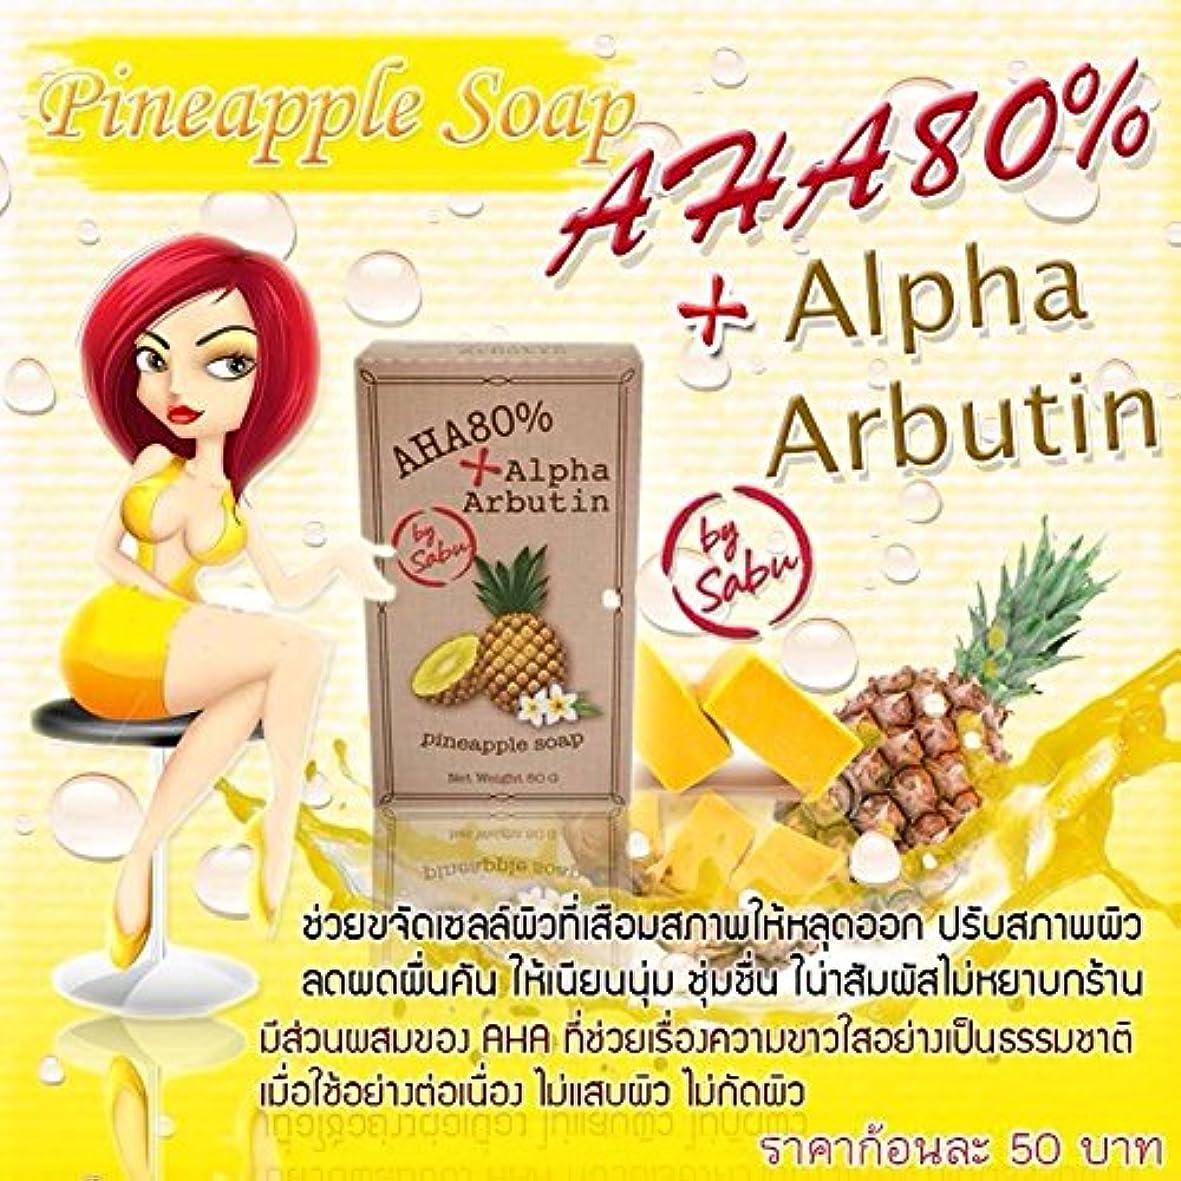 かみそり社会科確かめる1 X Natural Herbal Whitening Soap.Alpha-Arbutin Pineapple AHA 80%. The skin whitening process is rapid. 80 g. Free shipping